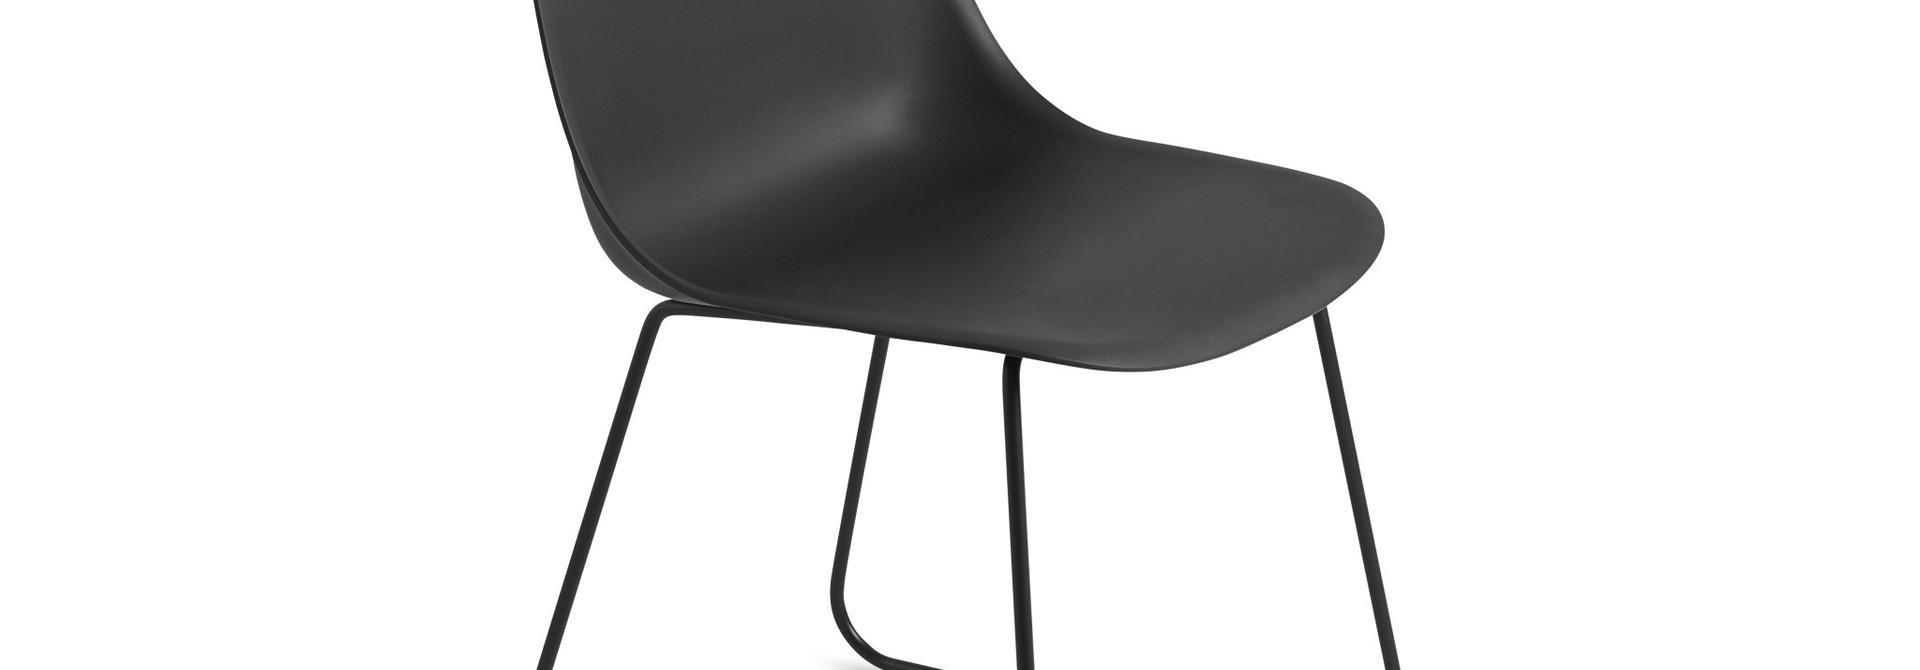 Fiber side chair sled base